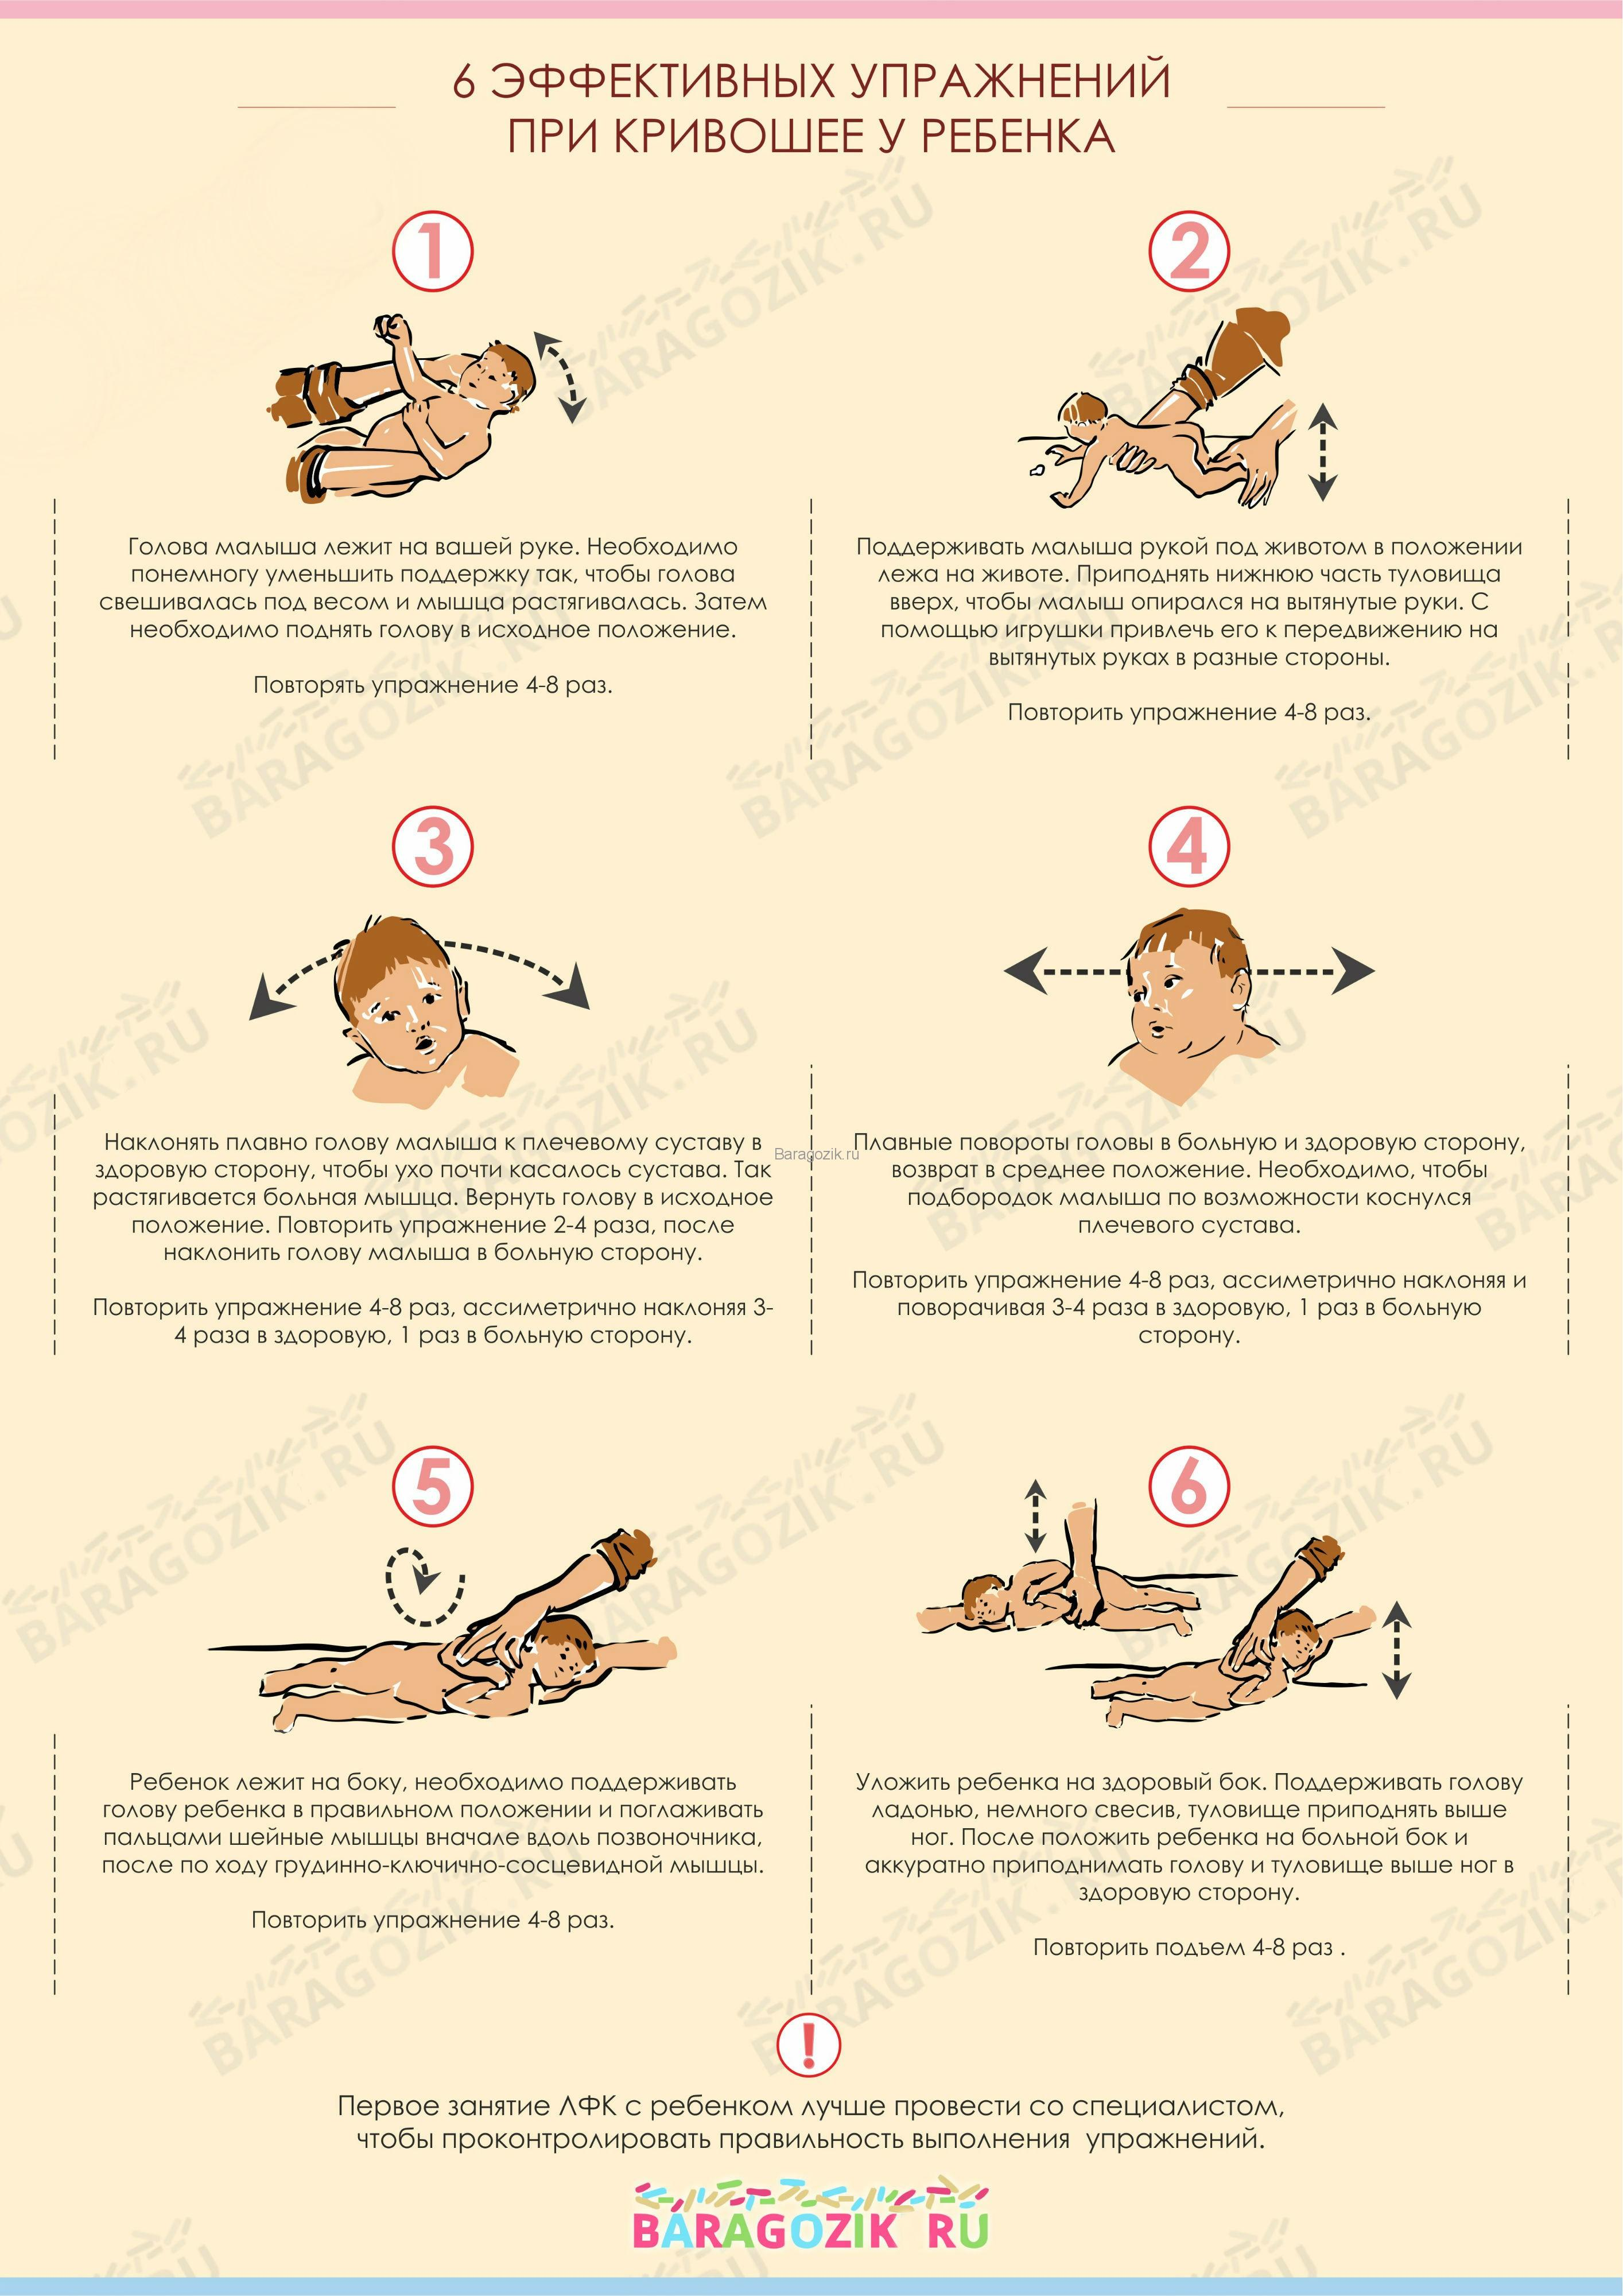 кривошея у младенцев признаки фото